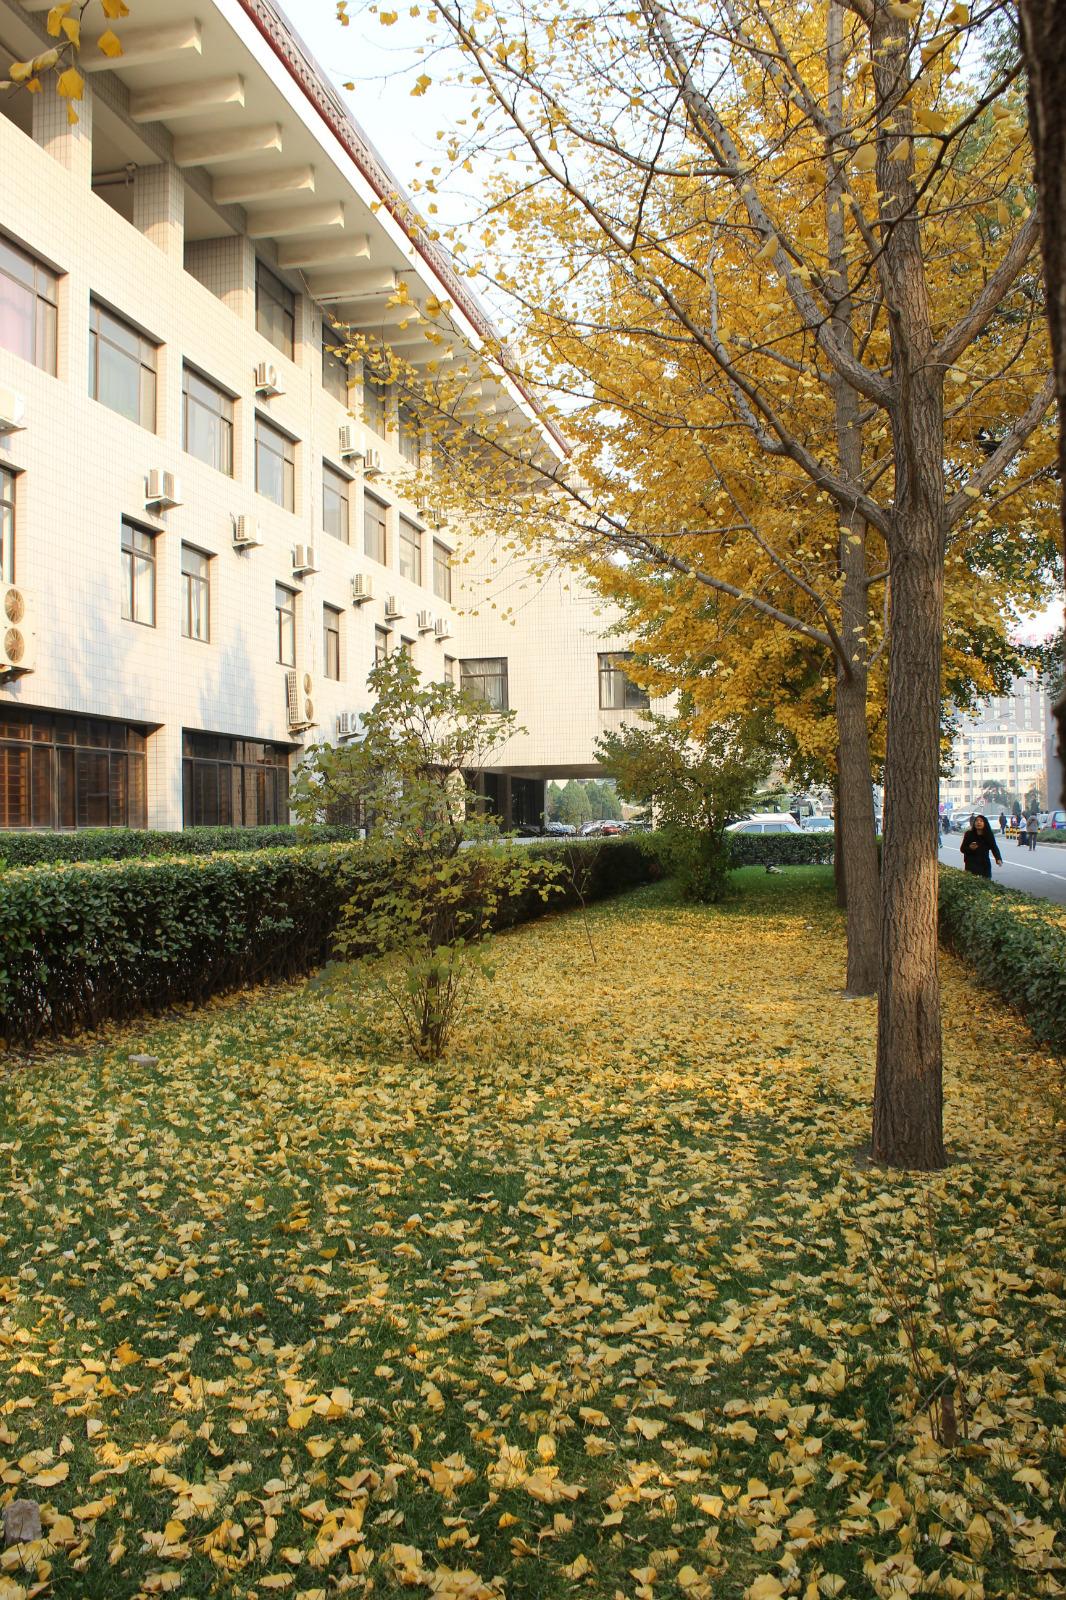 北京大学旅游景点29--勺园_网上幽魂_新浪博客